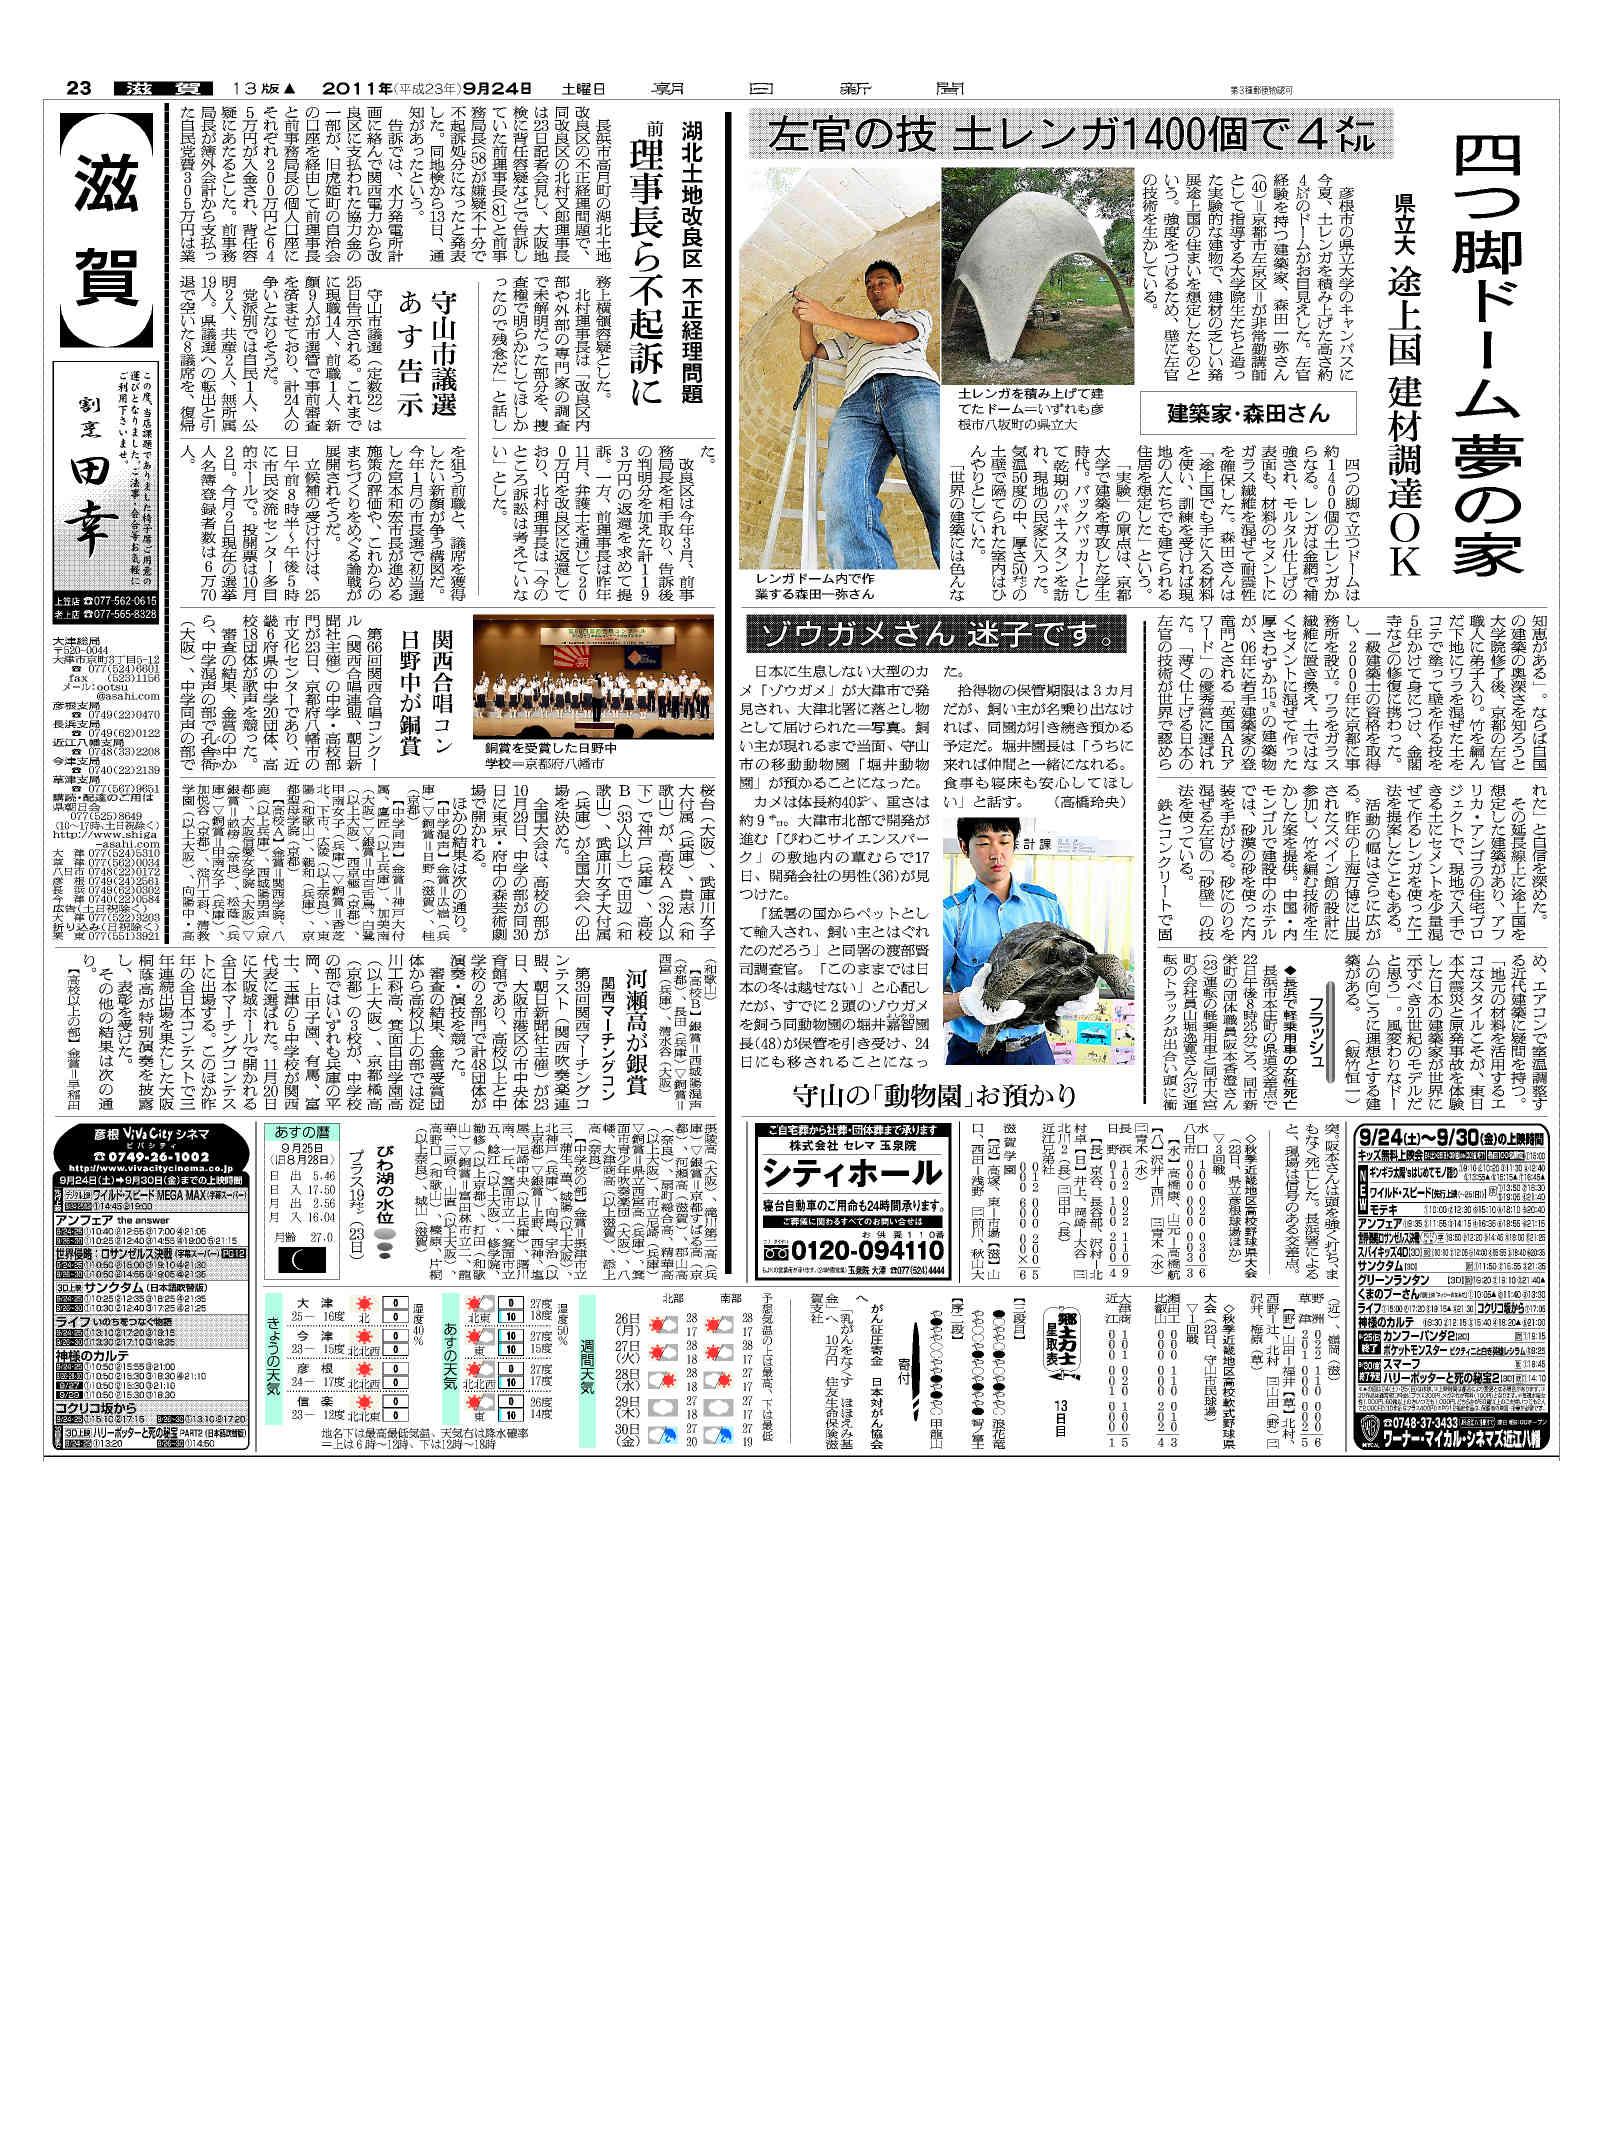 2011.9.24.朝日新聞滋賀版JPEG